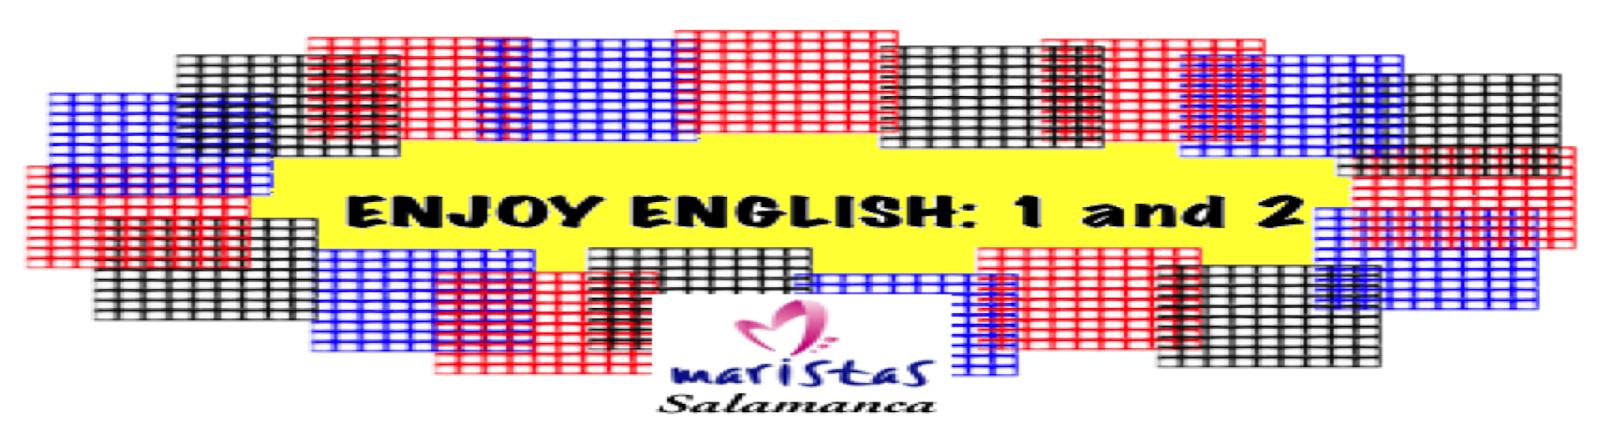 ENGLISH 1 AND 2